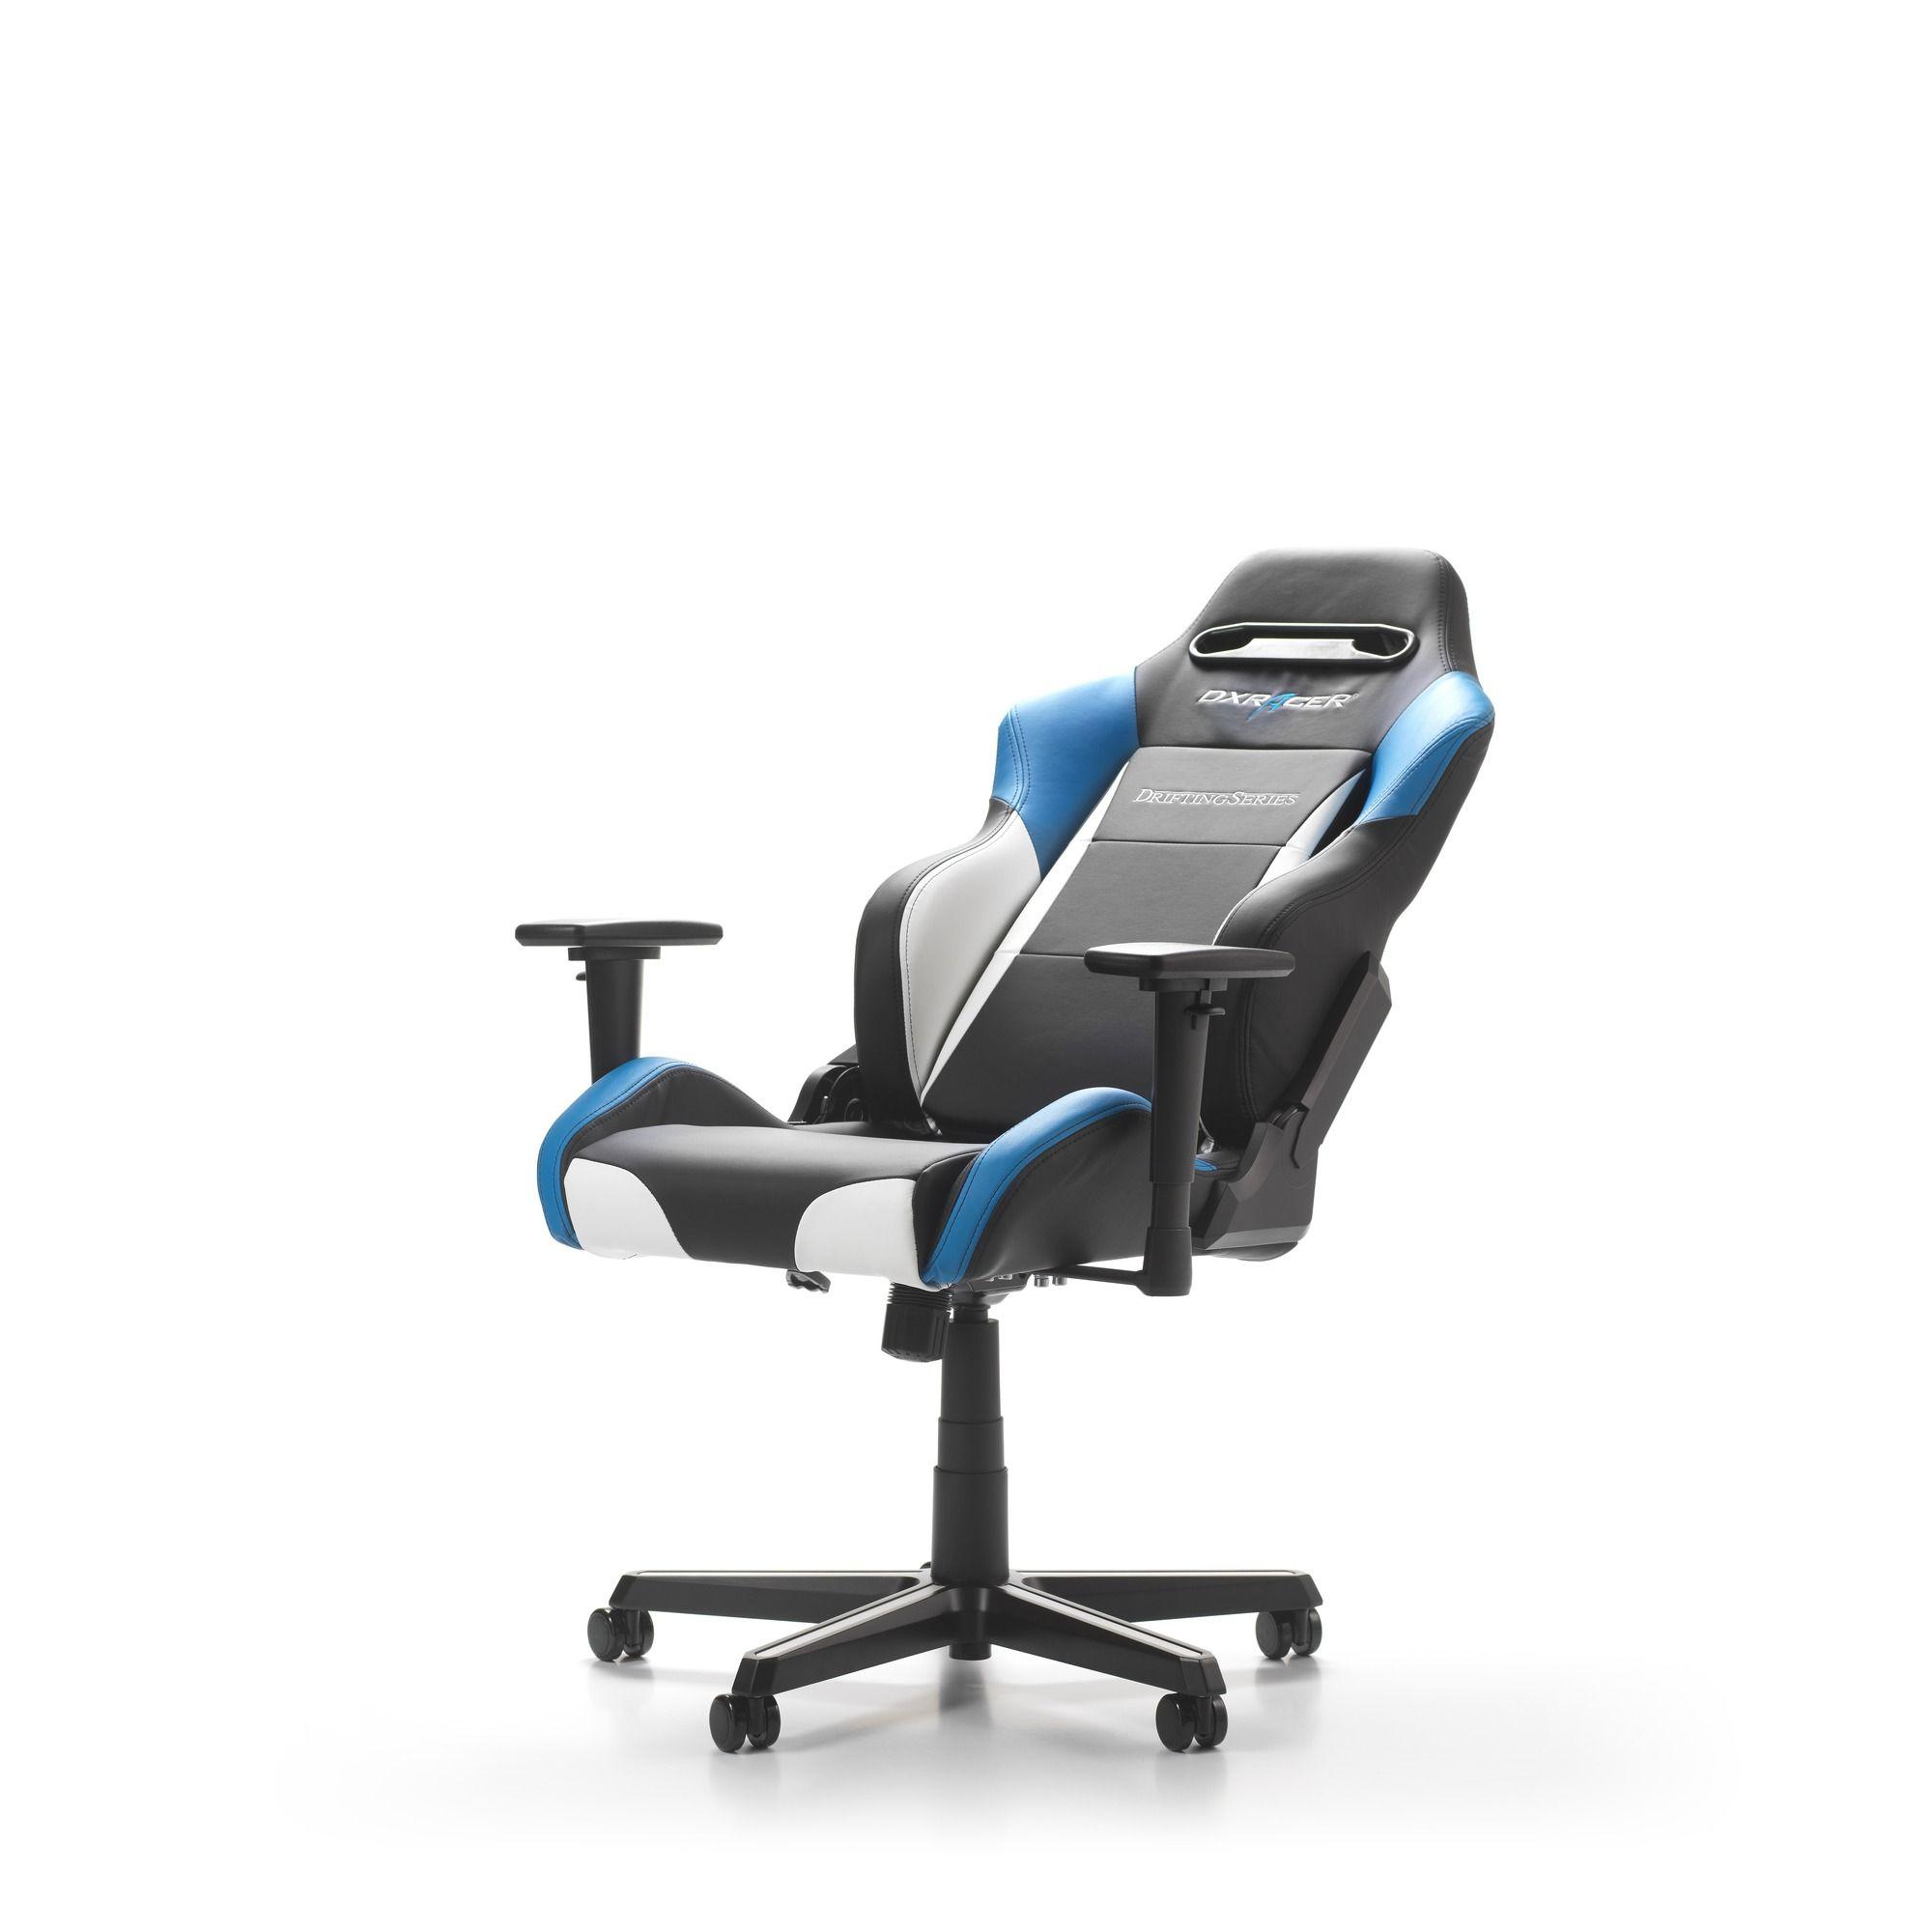 Геймърски стол DXRacer - серия DRIFTING, черен/бял/син - OH/DM61/NWB - 6